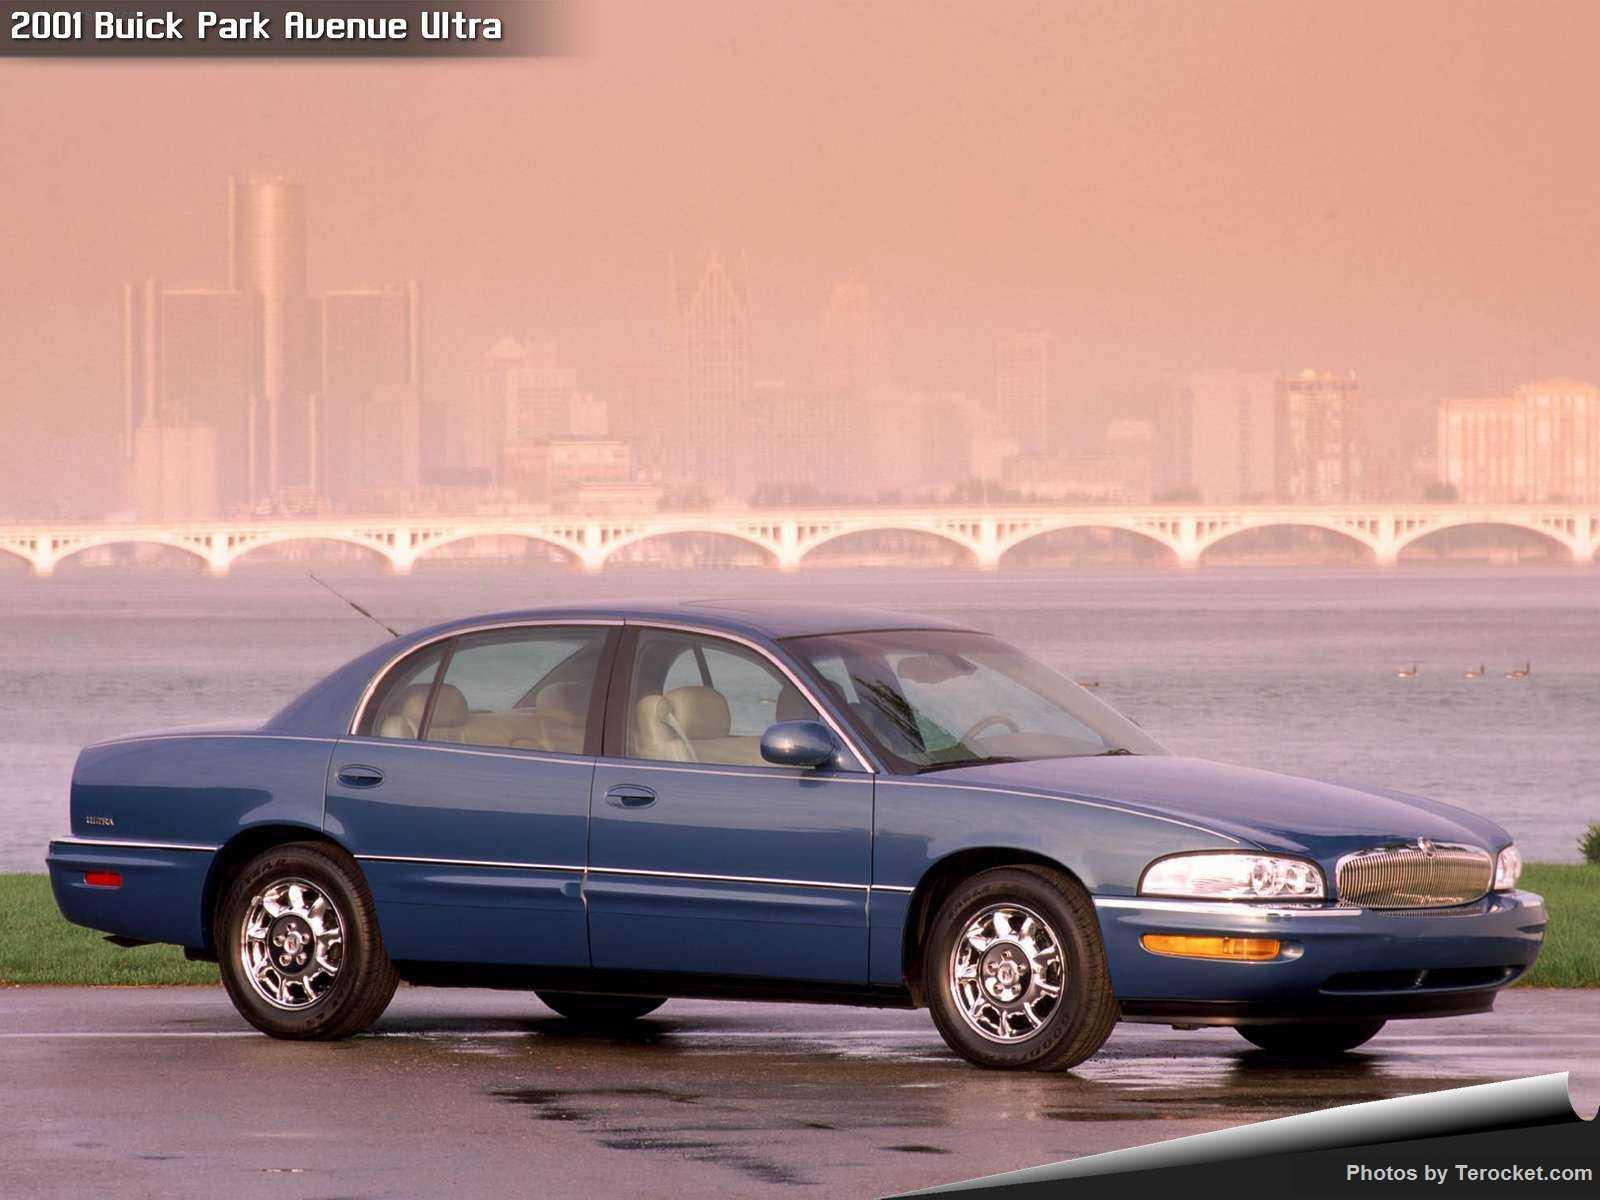 Hình ảnh xe ô tô Buick Park Avenue Ultra 2004 & nội ngoại thất